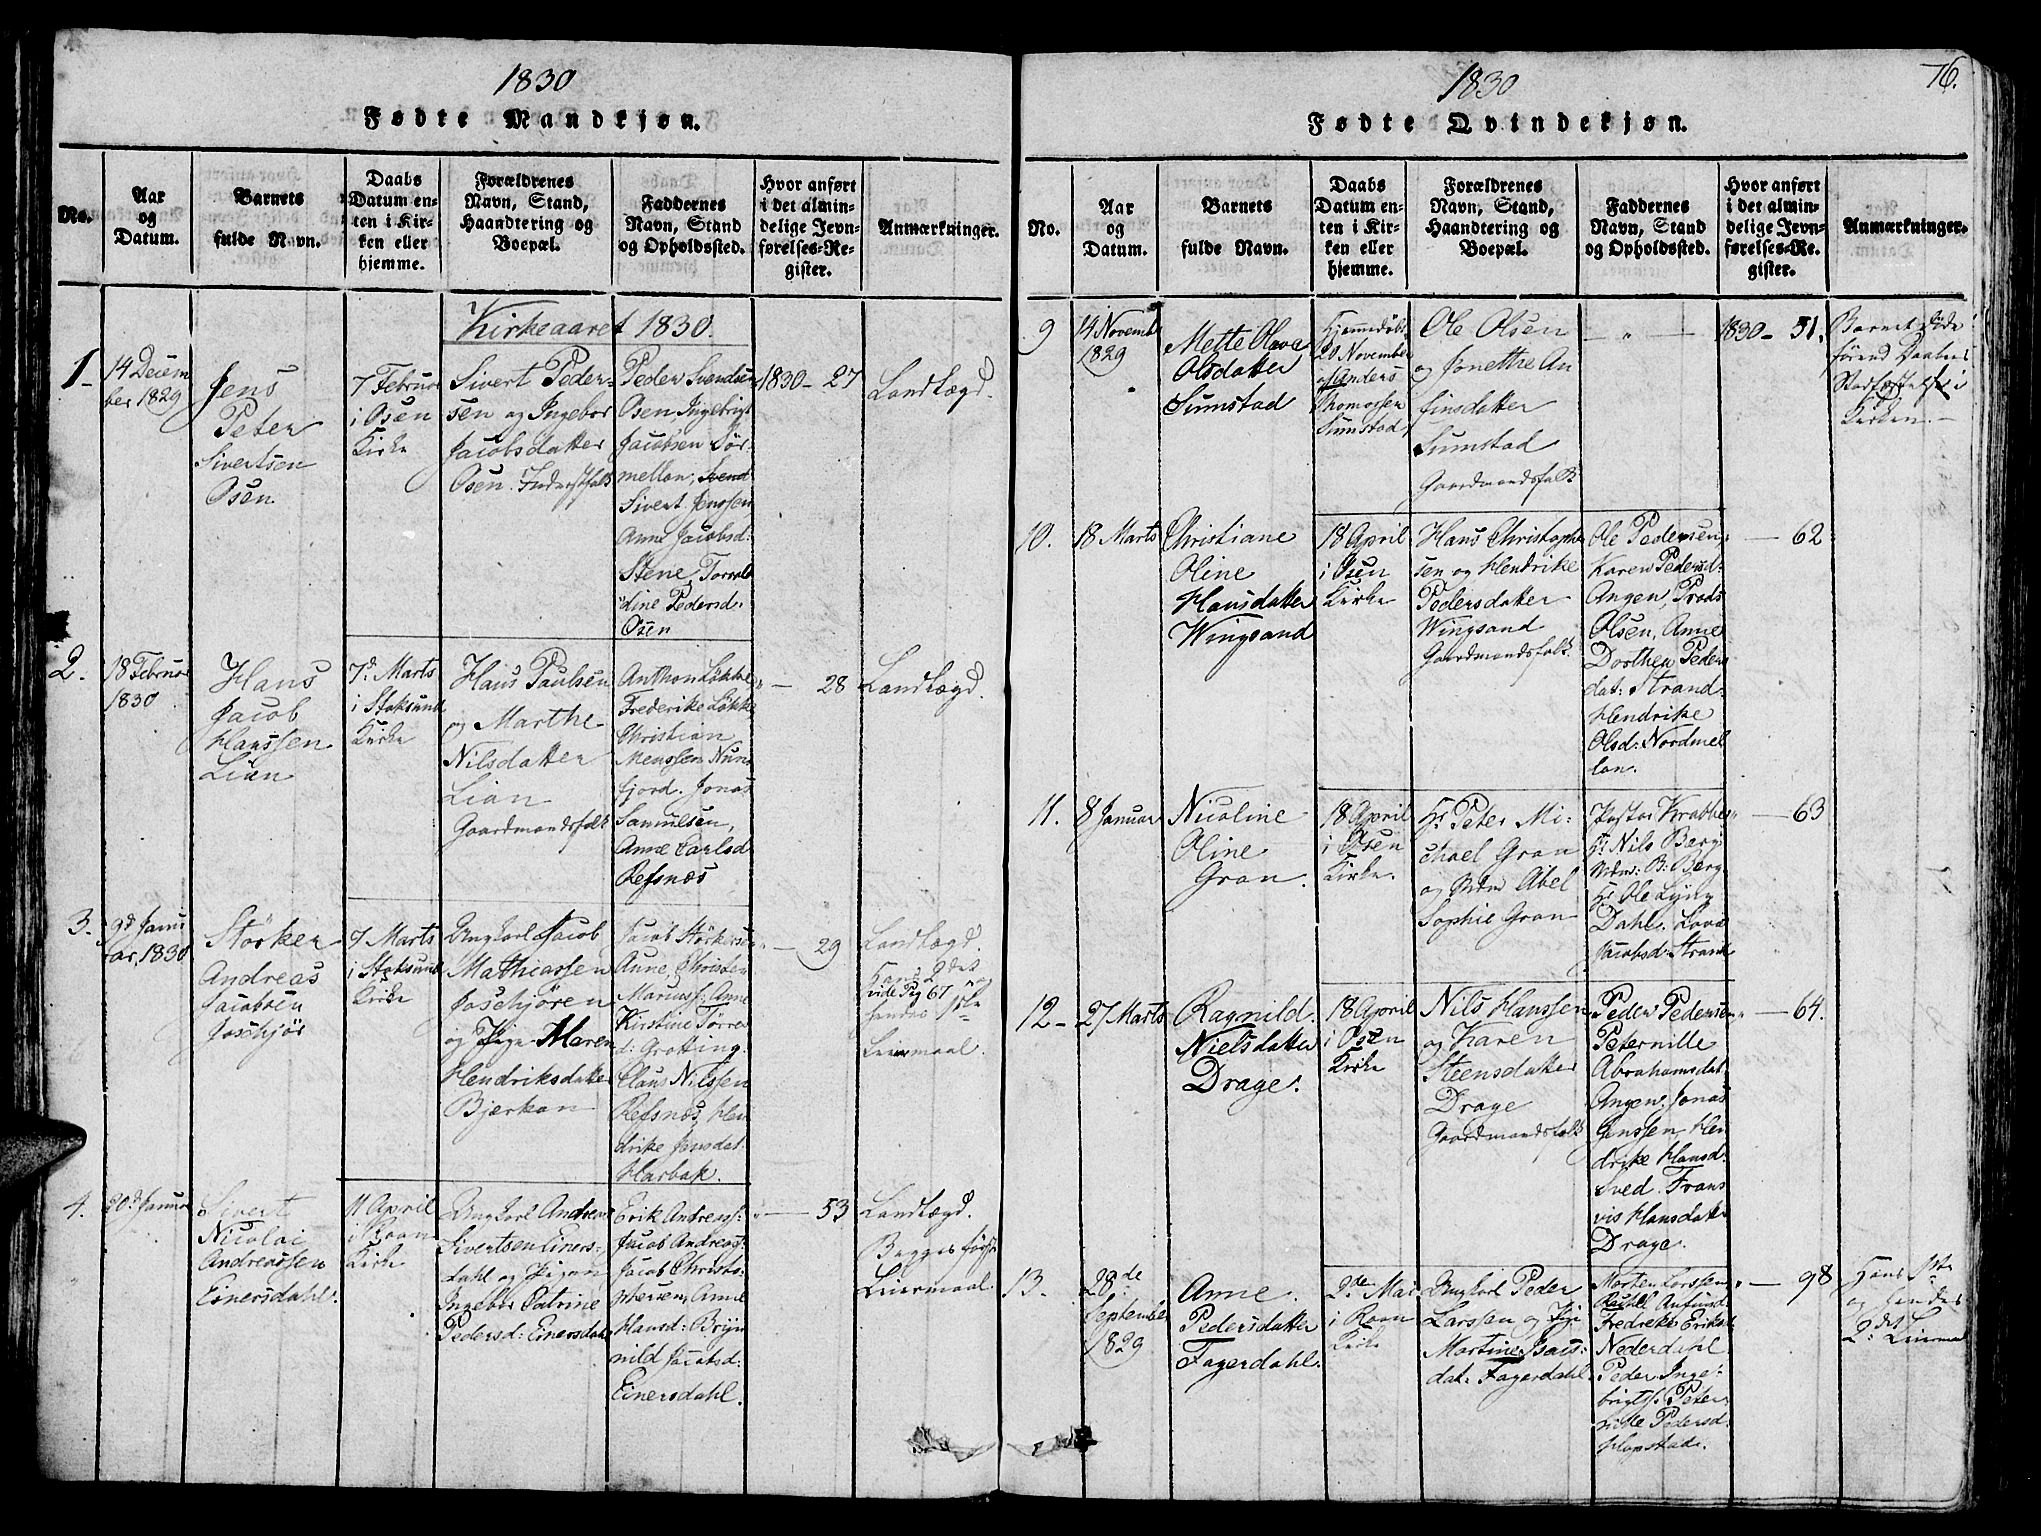 SAT, Ministerialprotokoller, klokkerbøker og fødselsregistre - Sør-Trøndelag, 657/L0702: Ministerialbok nr. 657A03, 1818-1831, s. 76